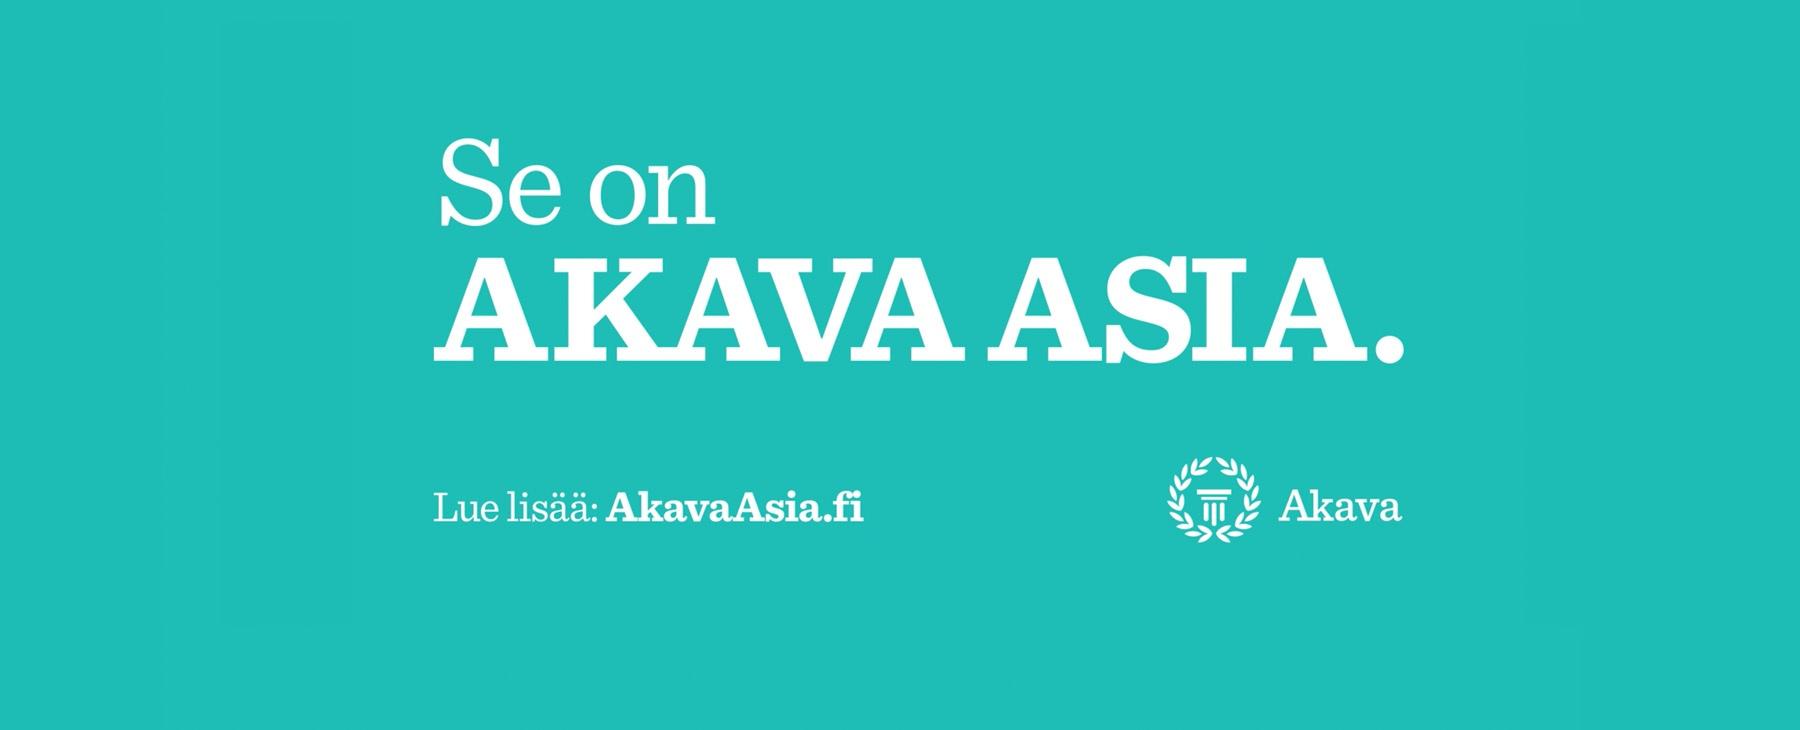 Akava: Akava asia